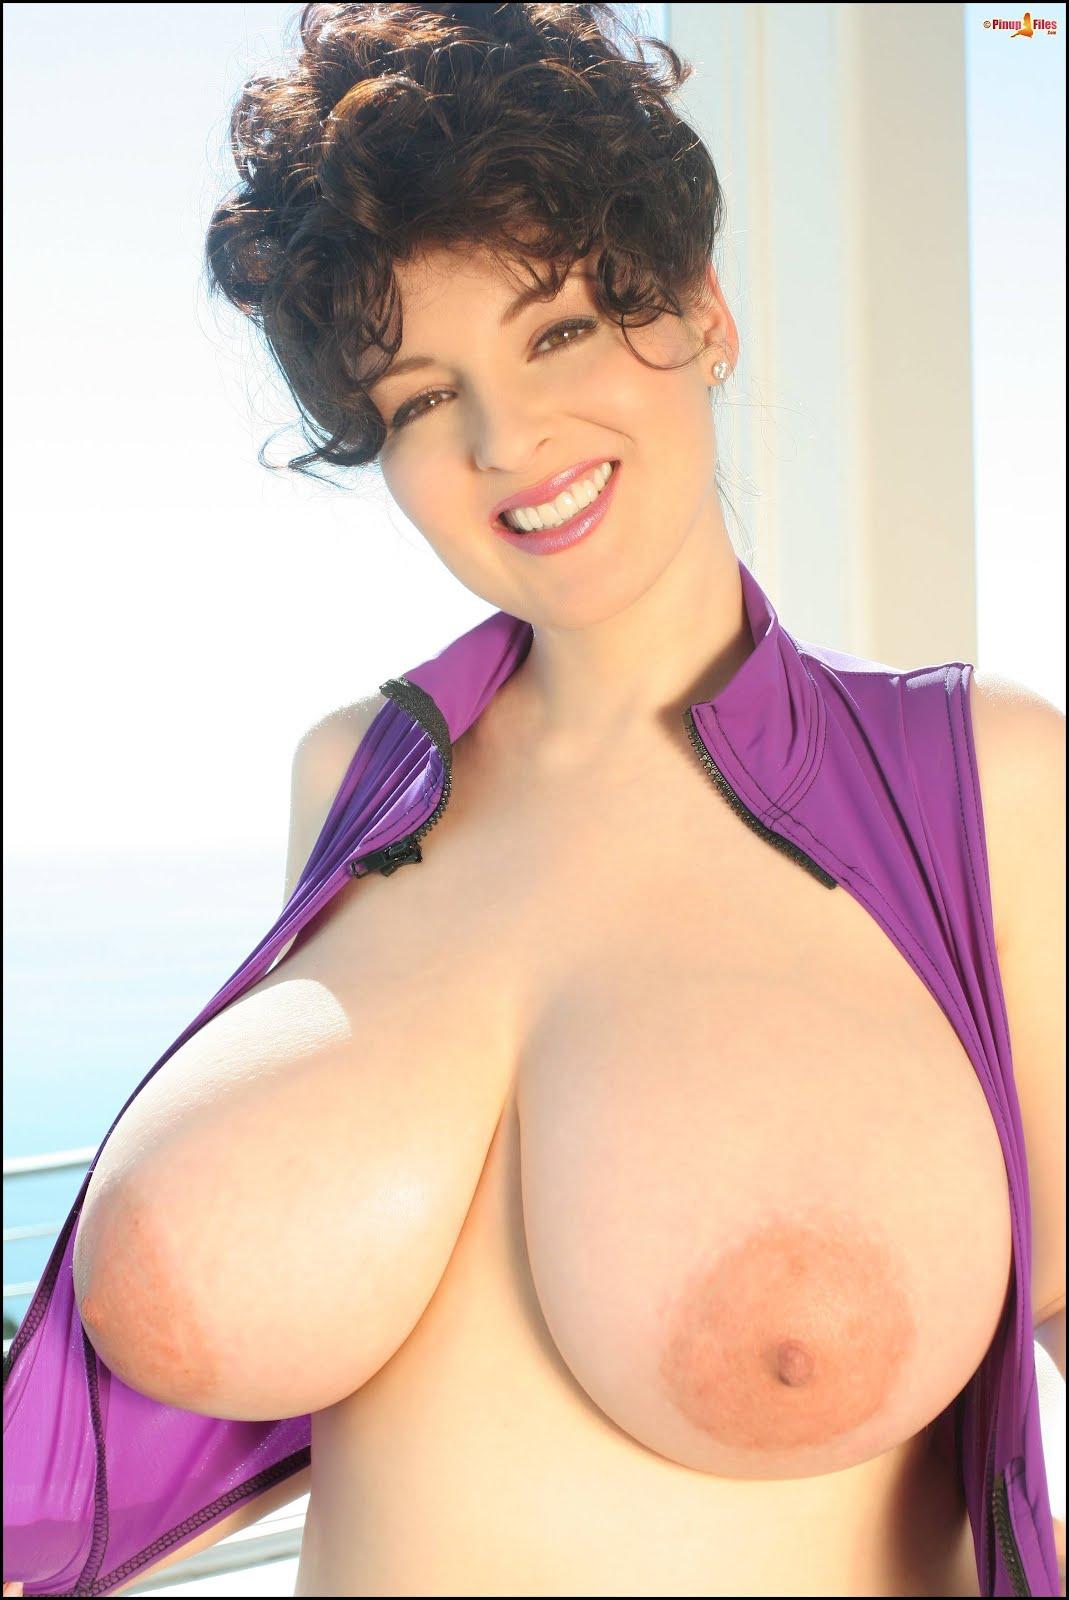 Lorna morgan tits